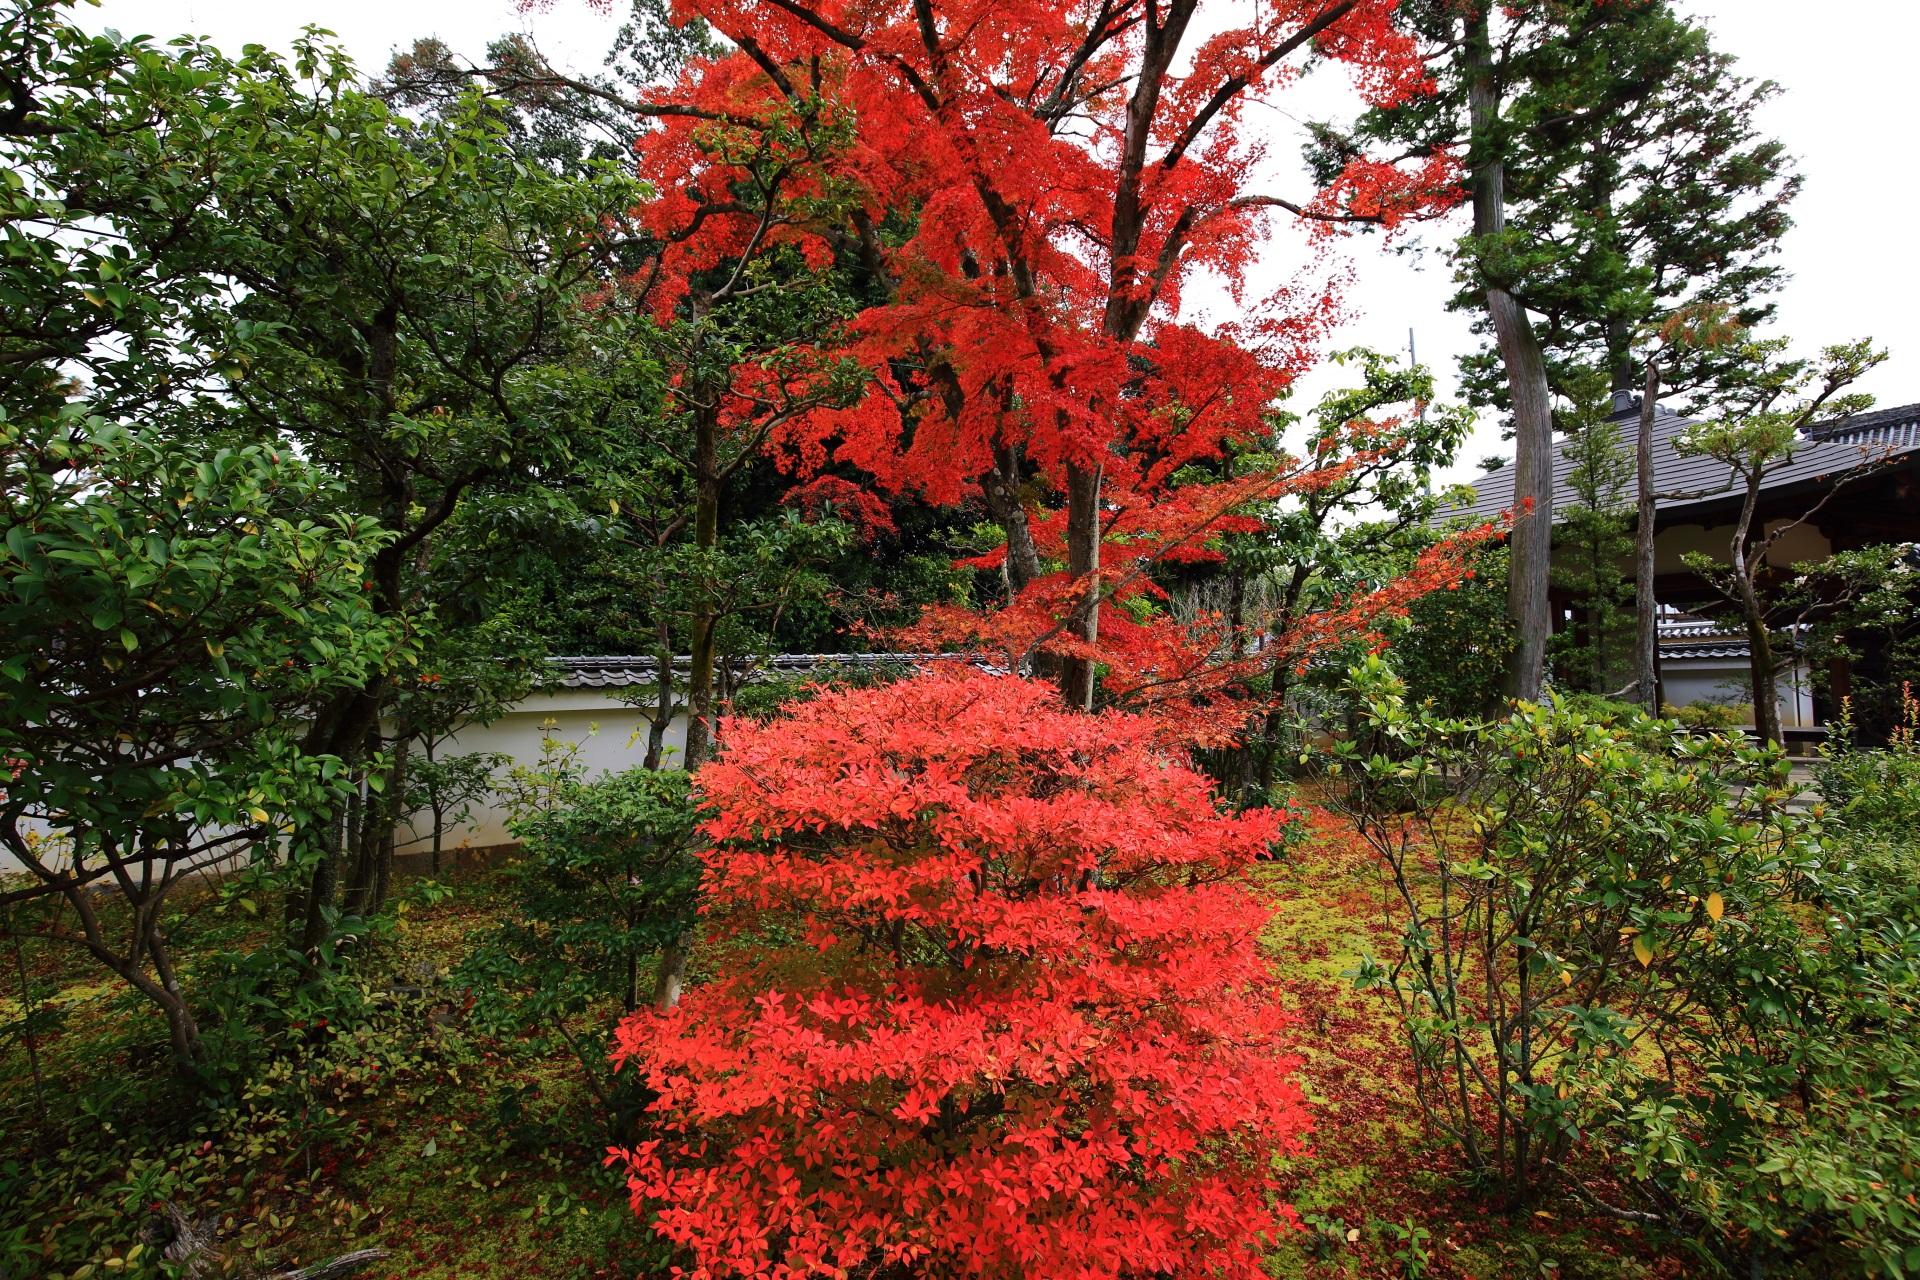 大法院の鮮やかな色合いのドウダンツツジの紅葉